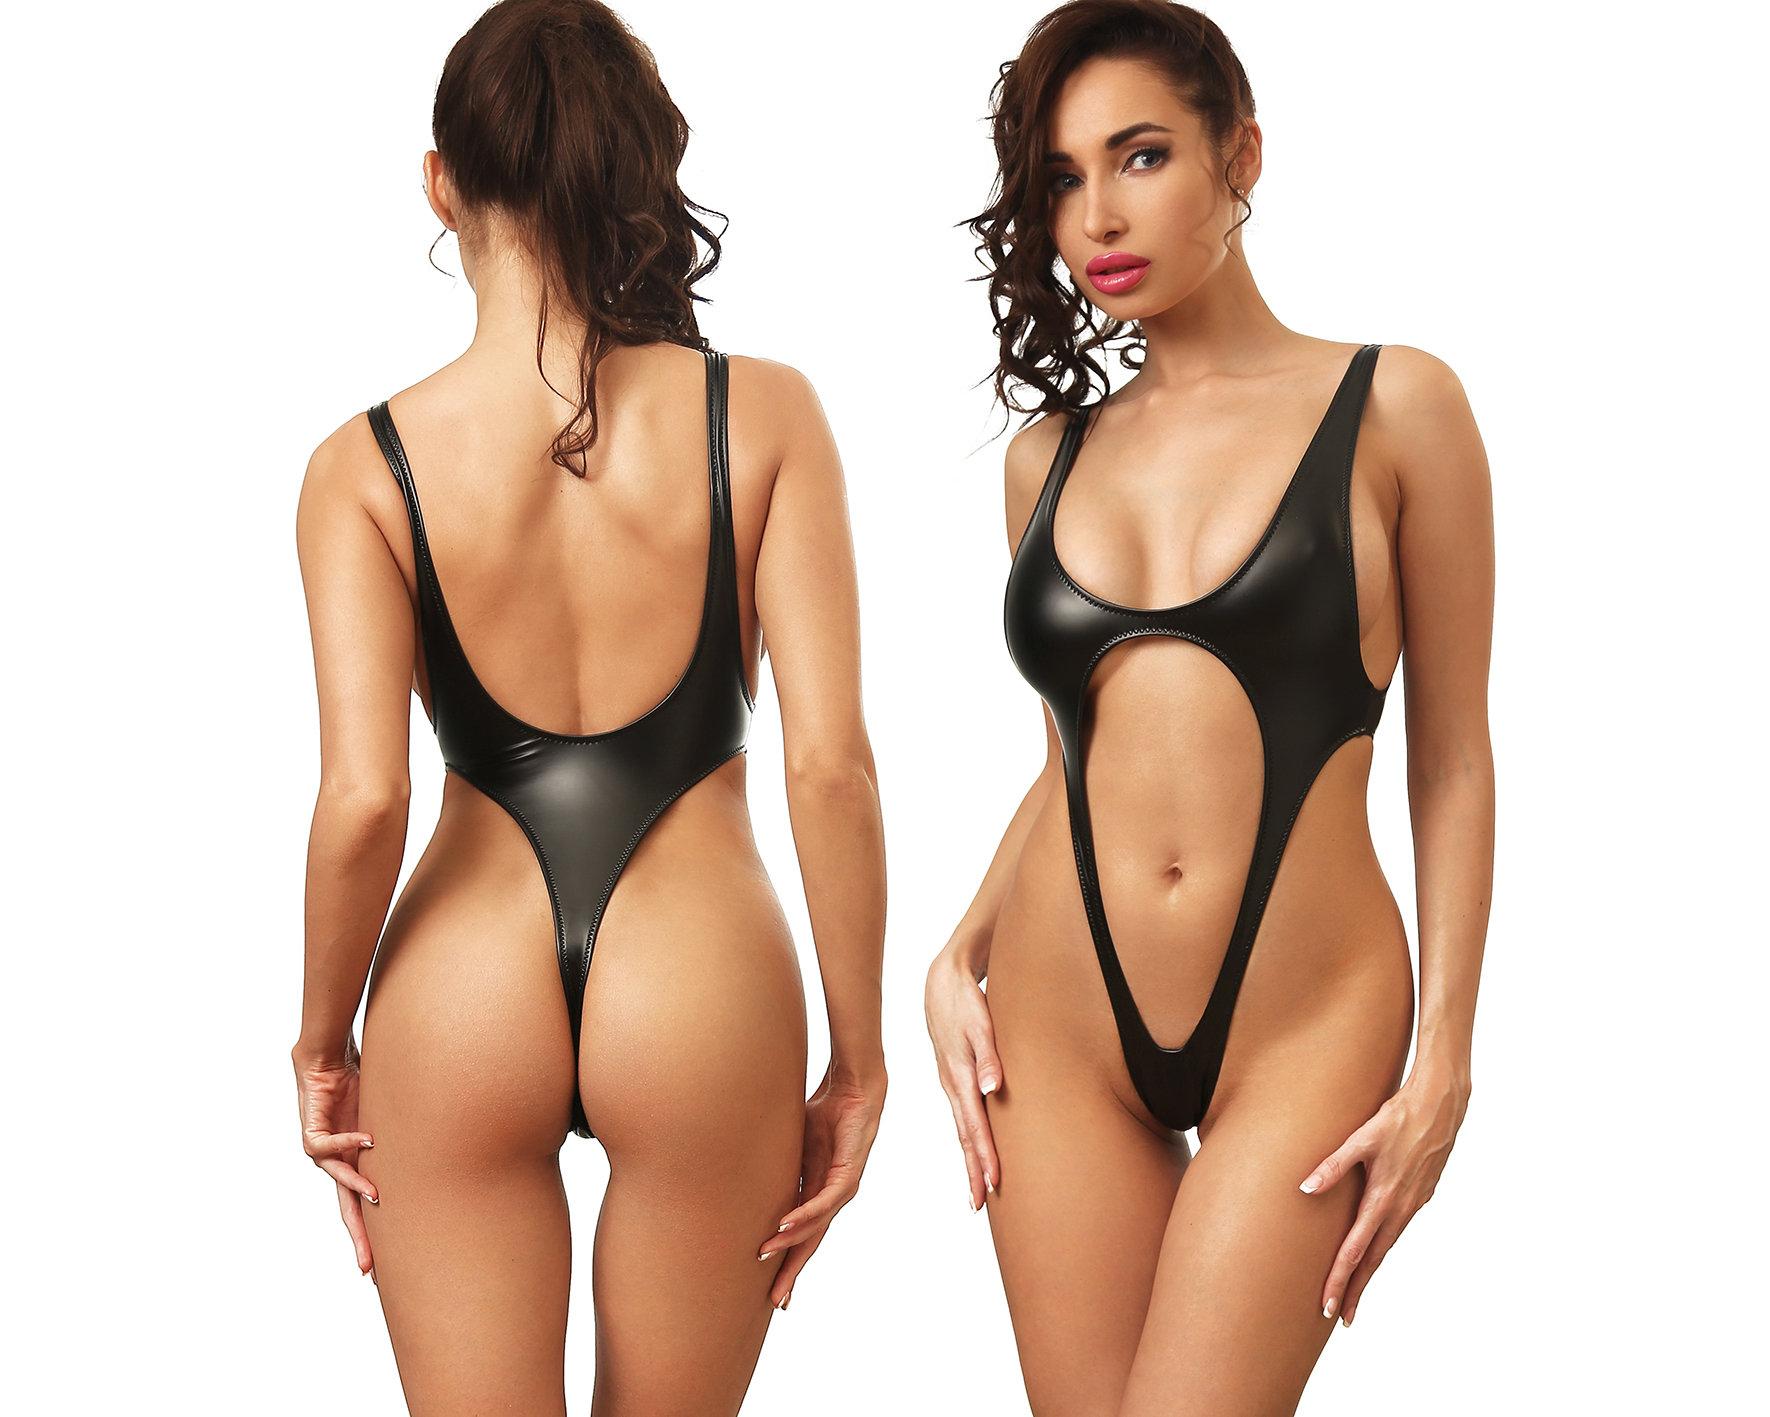 ea071c0e7f33 D10% Black hot one piece swimsuit extreme monokini High cut leg Thong Open  back   touch-secret-com